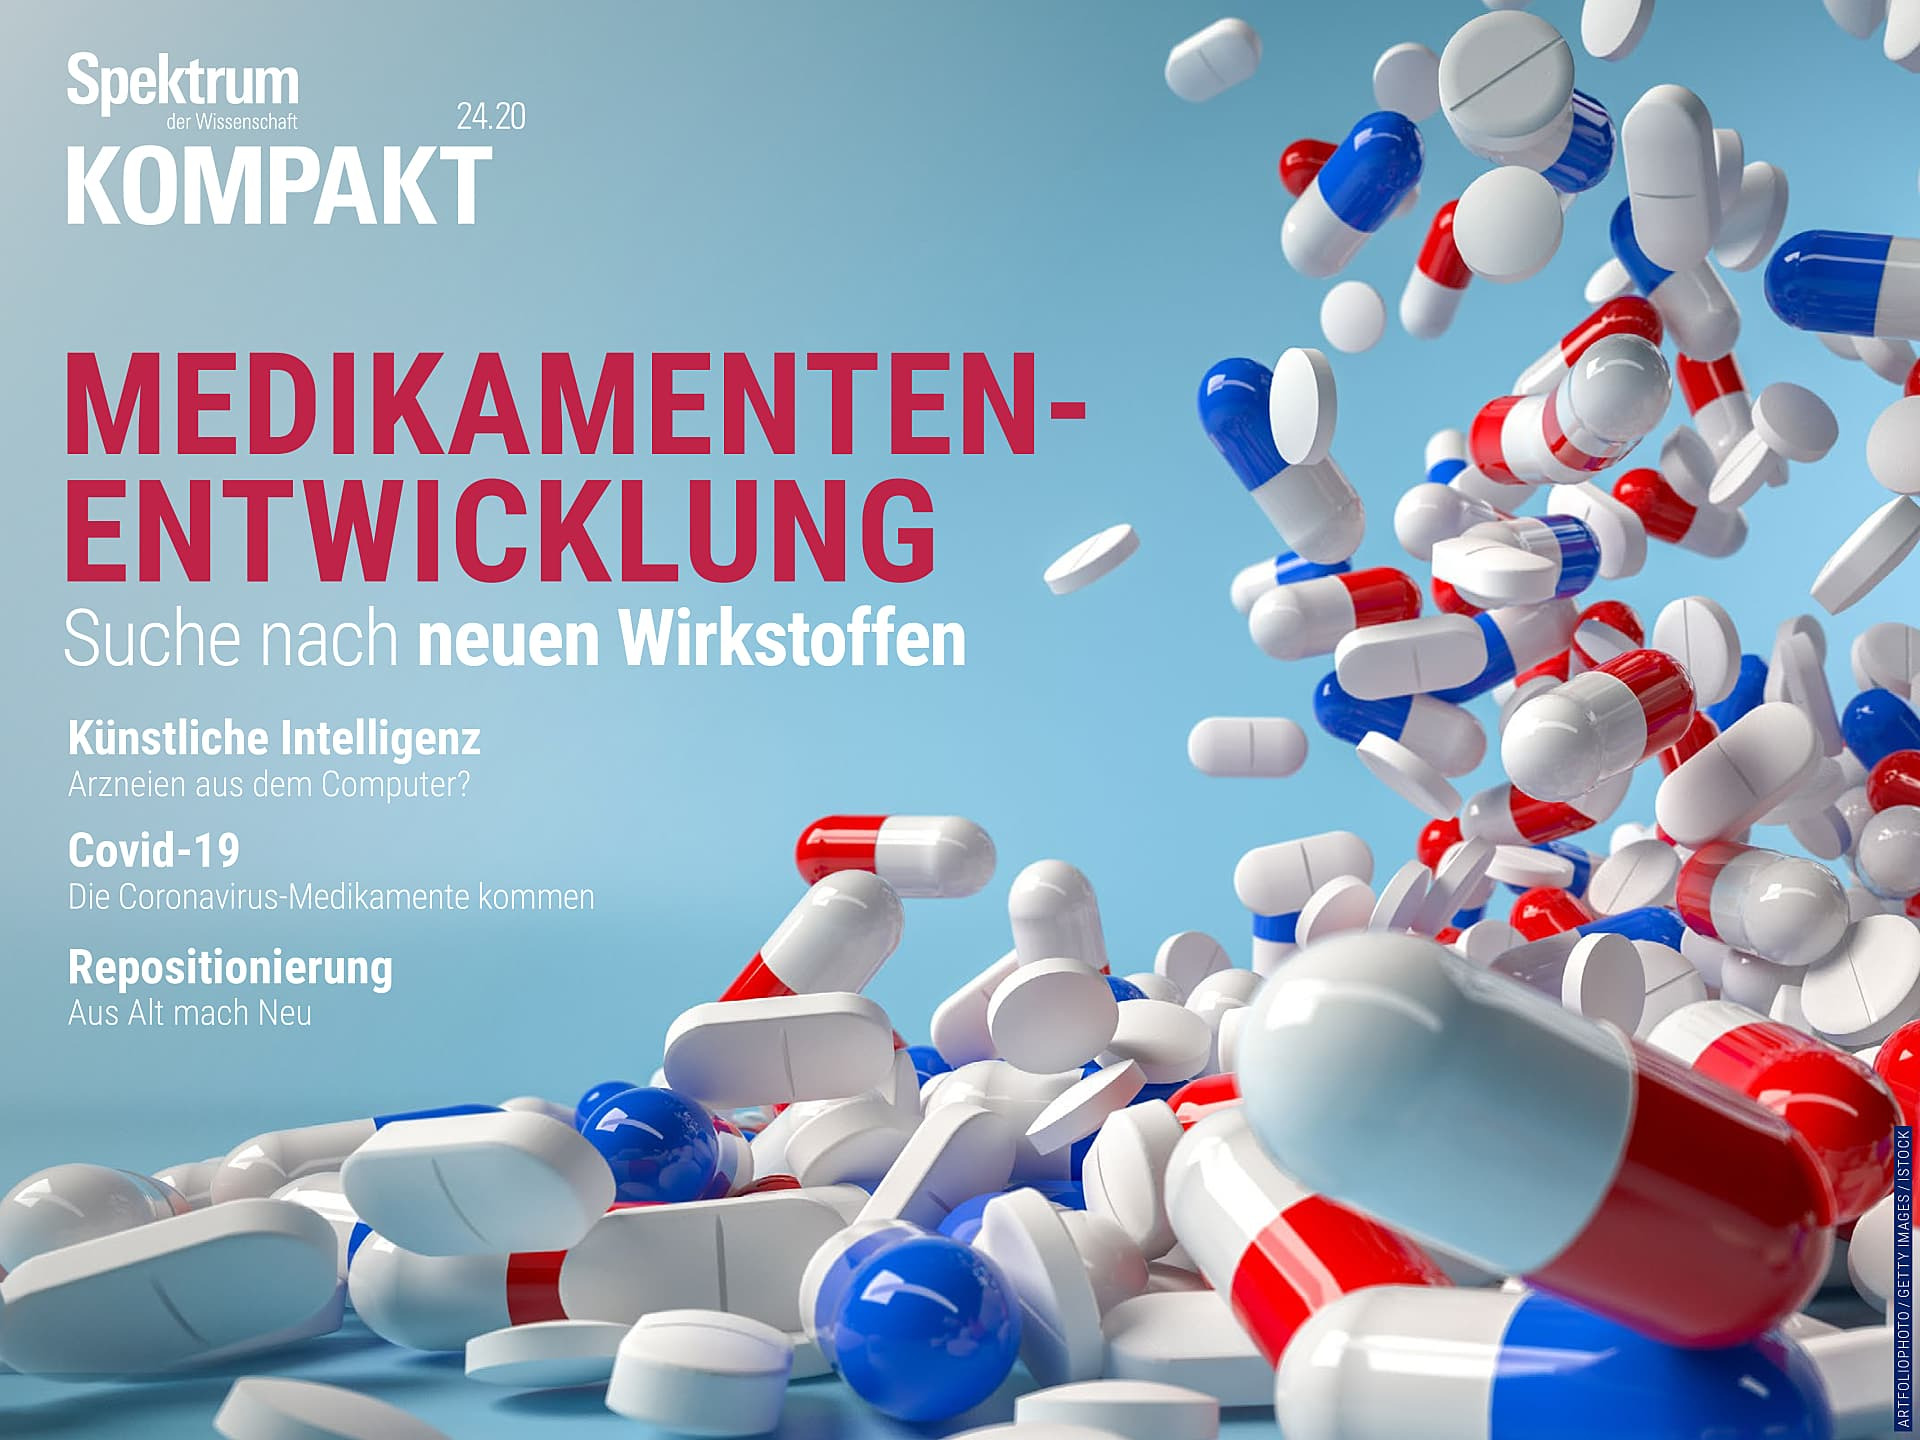 Medikamentenentwicklung - Suche nach neuen Wirkstoffen